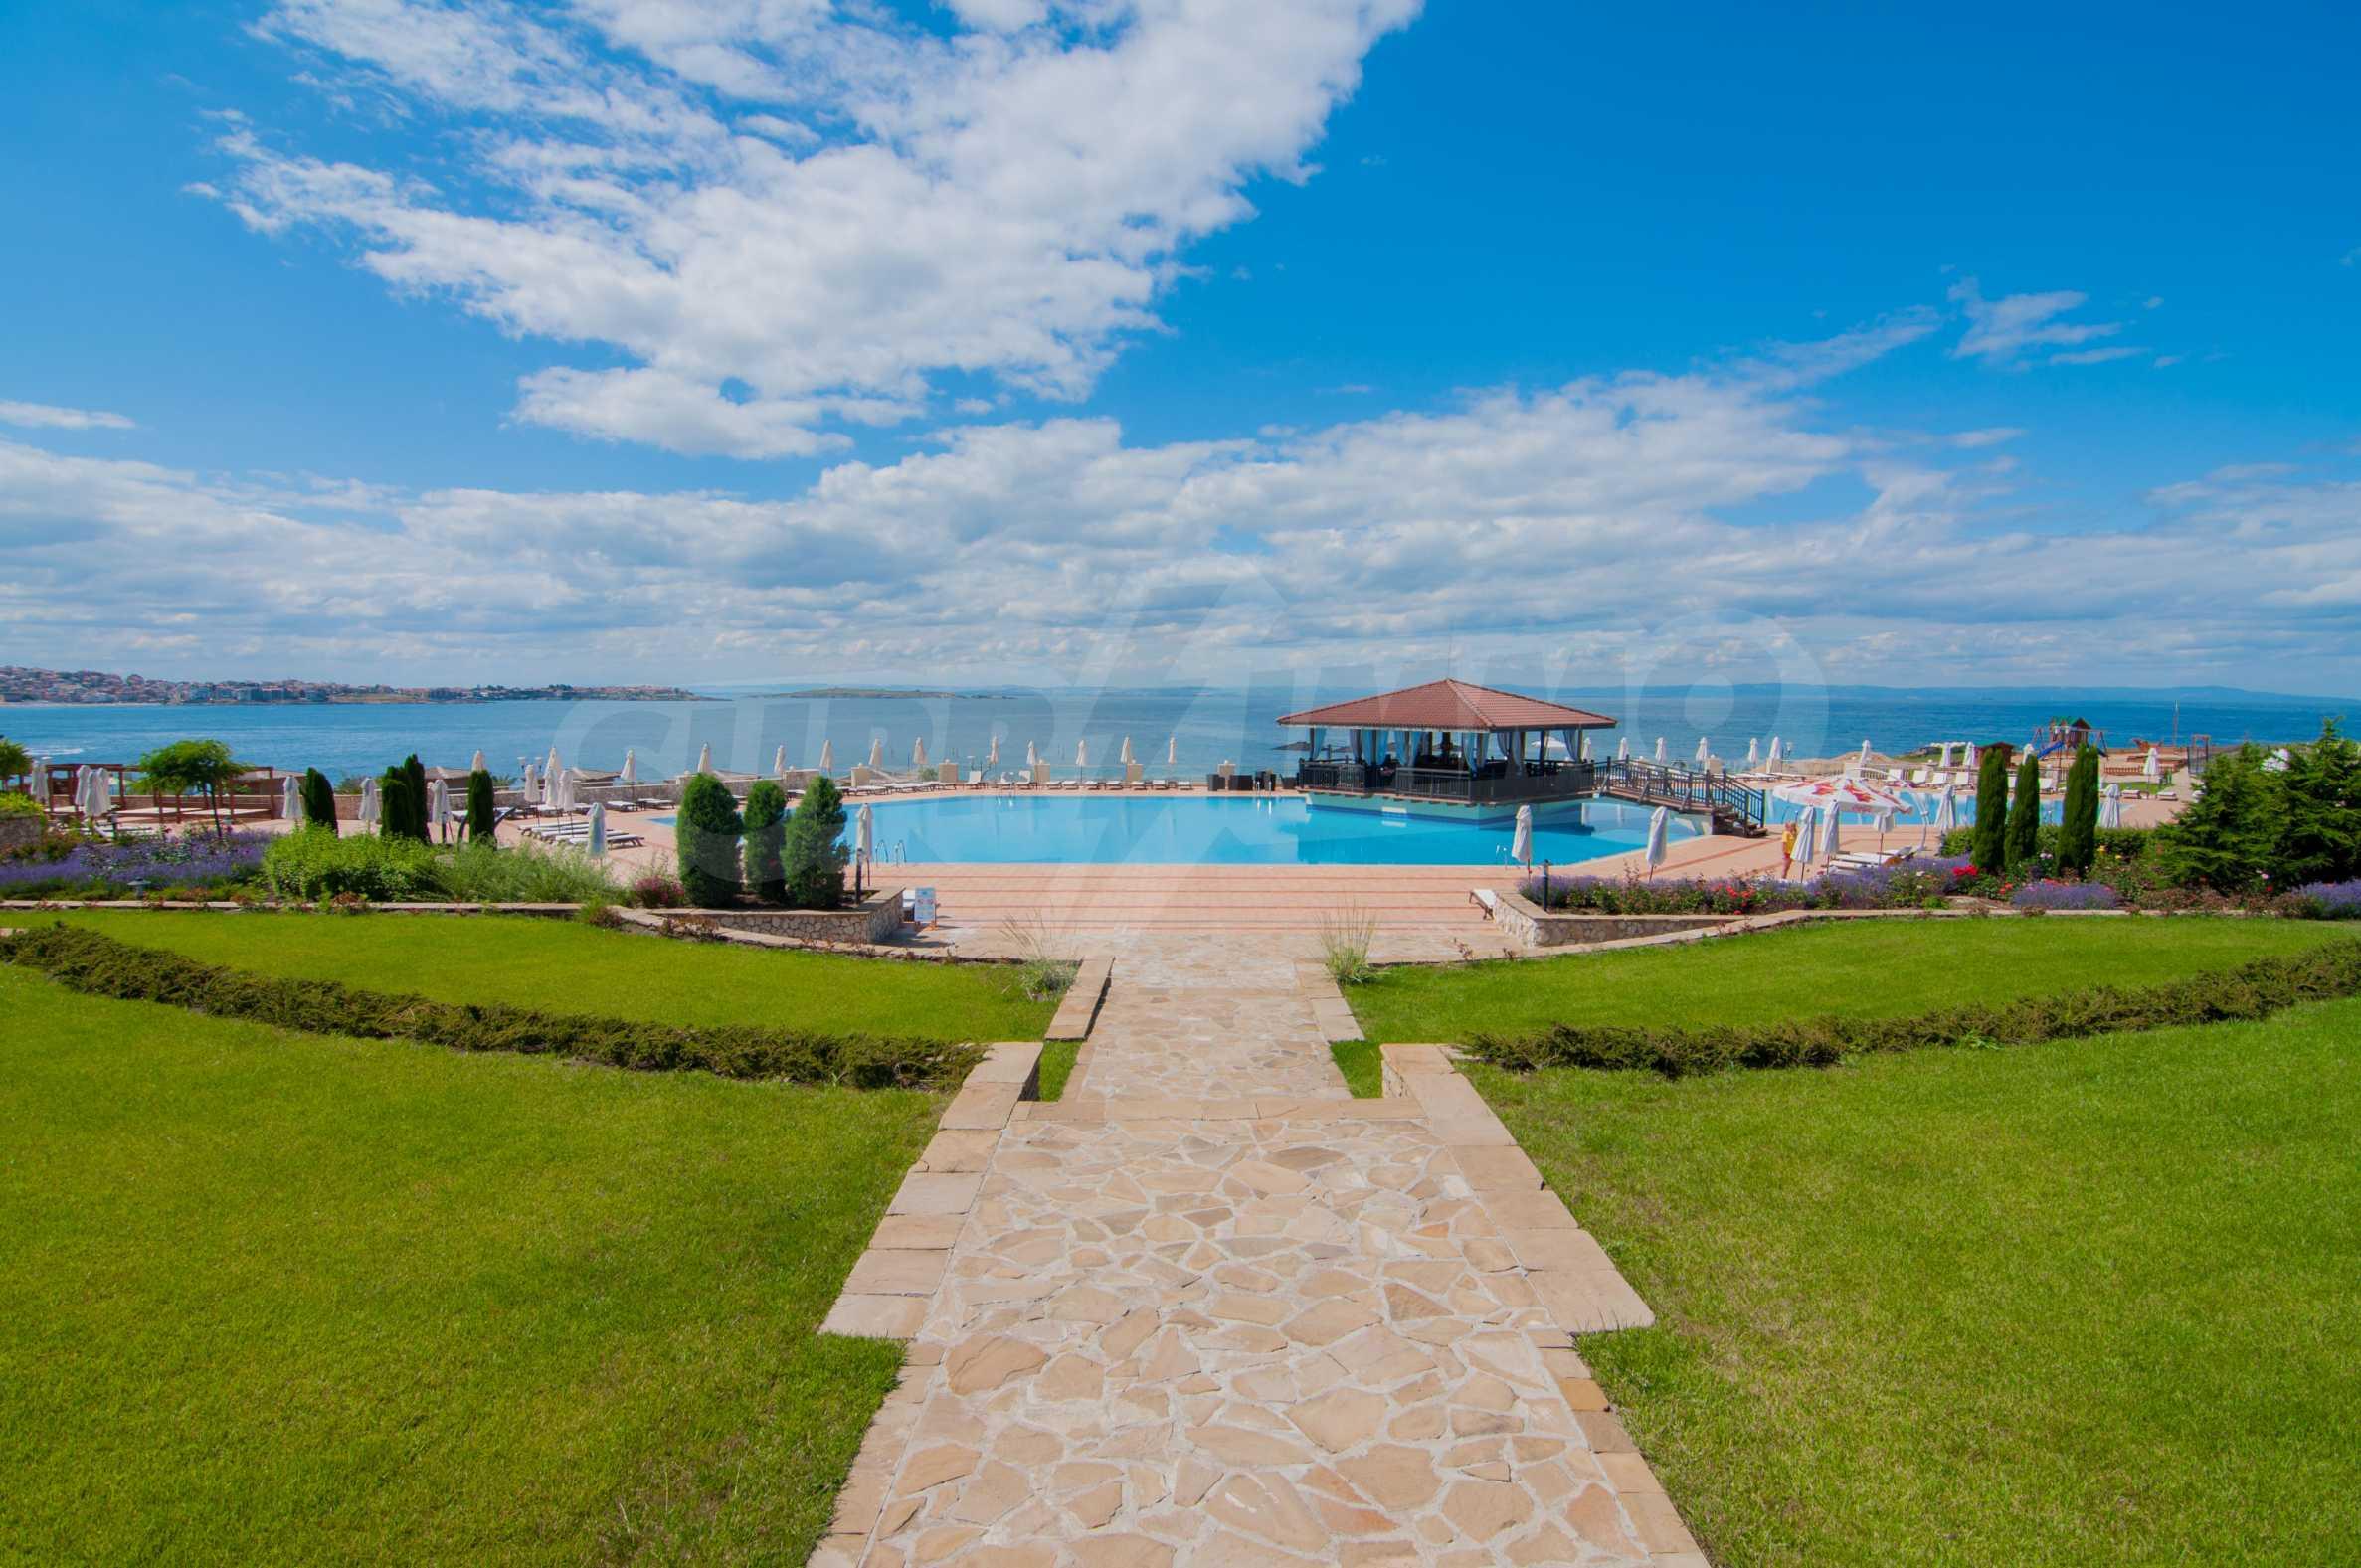 Созополис - уникальный прибрежный комплекс вблизи Созополя 52